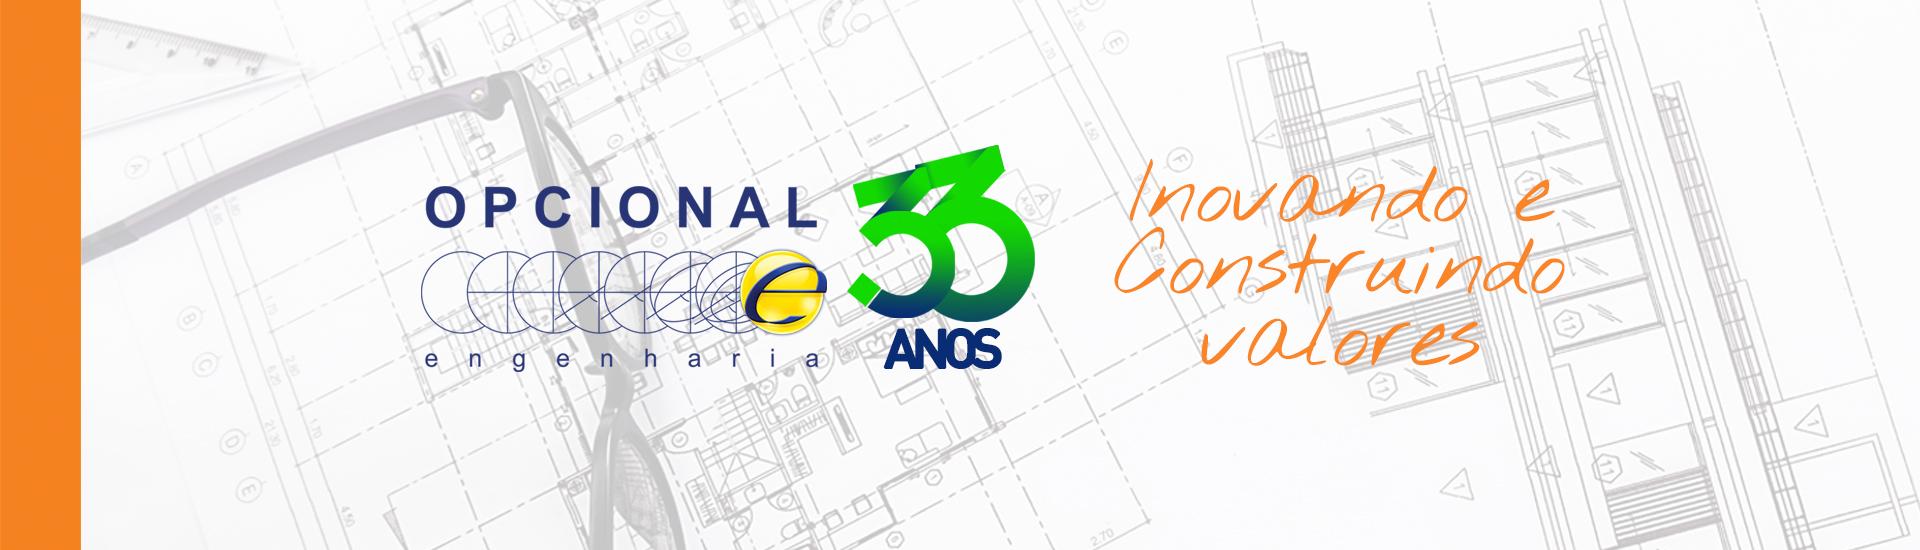 banner33Anos_opcional1